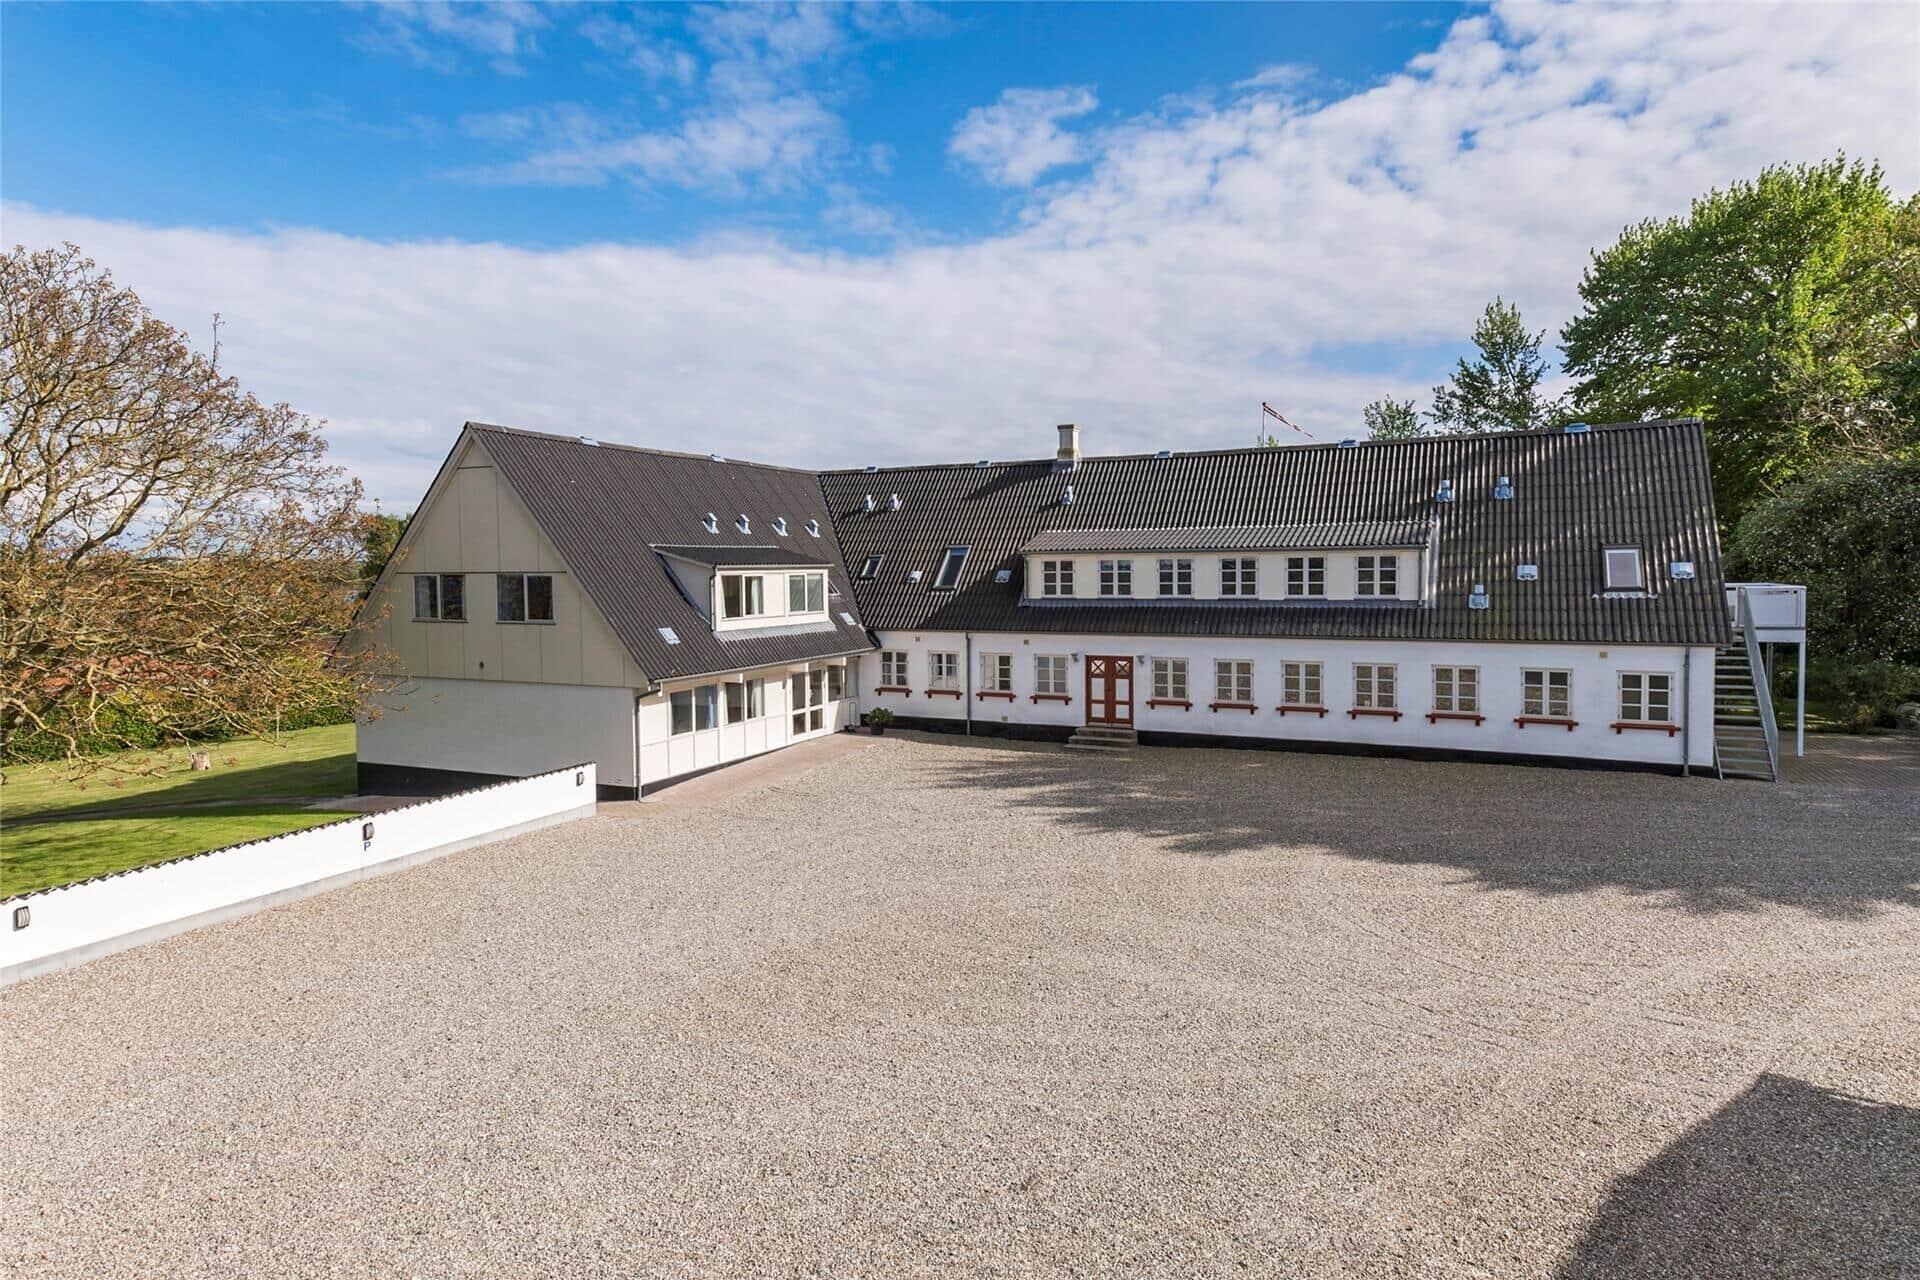 Billede 0-3 Sommerhus M70276, Borgnæsvej 4, DK - 5970 Ærøskøbing